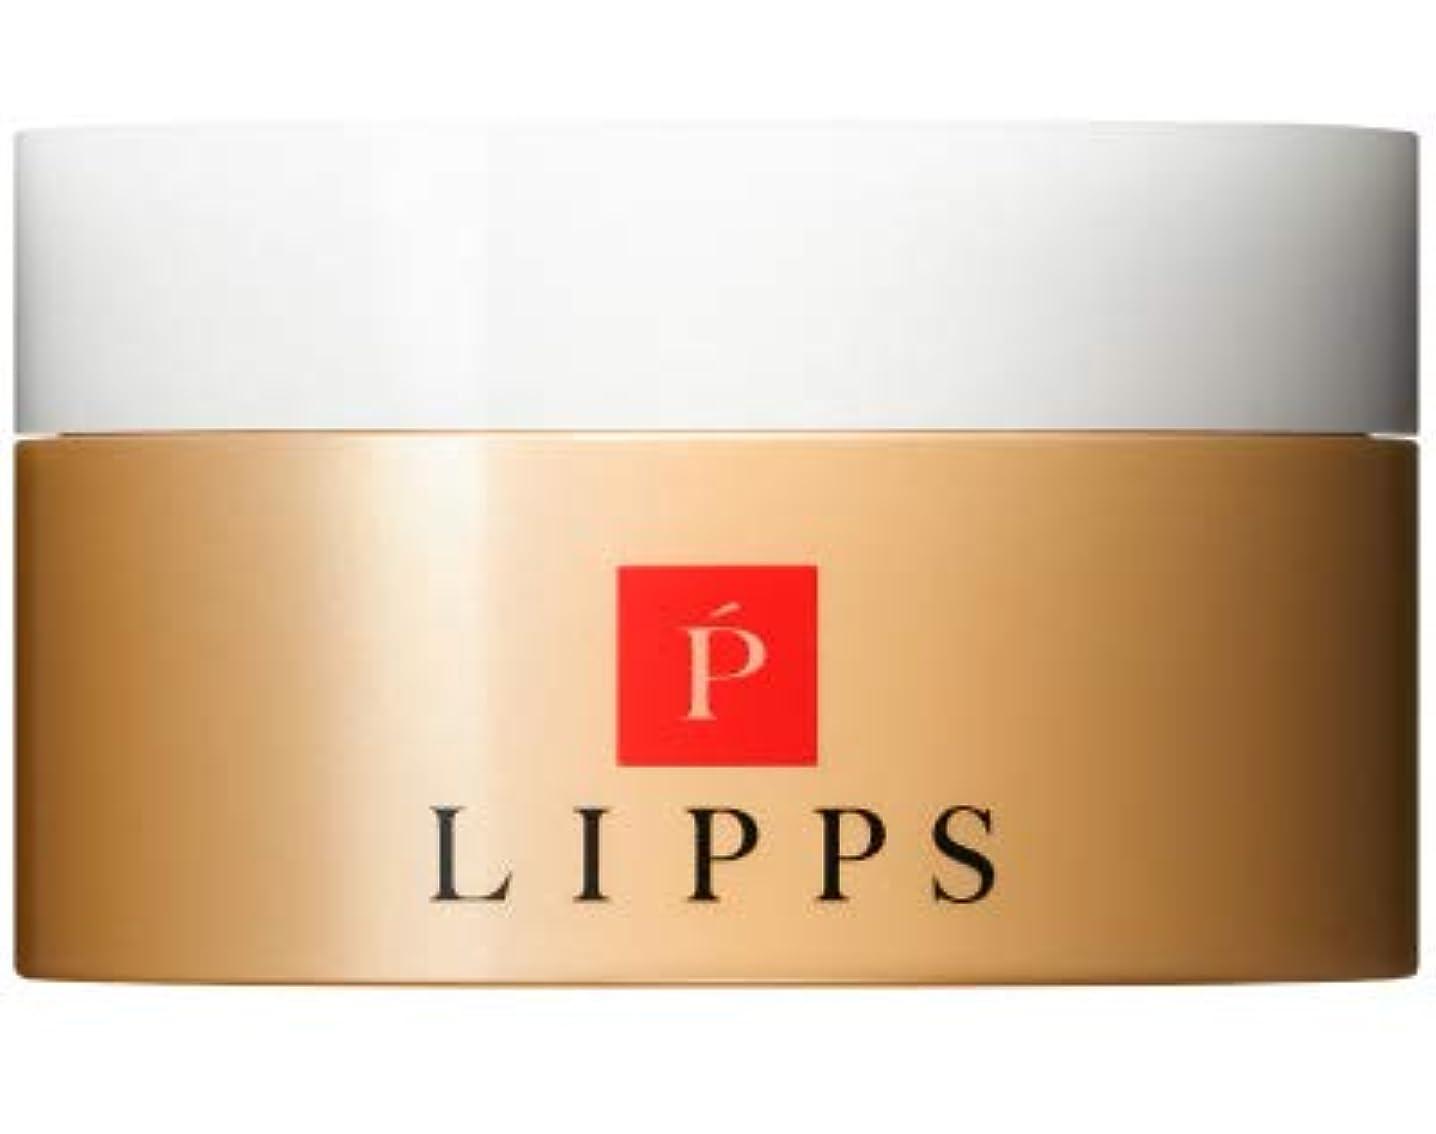 再集計資本太字【ふわっと動く×自由自在な束感】LIPPS L12フリーキープワックス (85g)